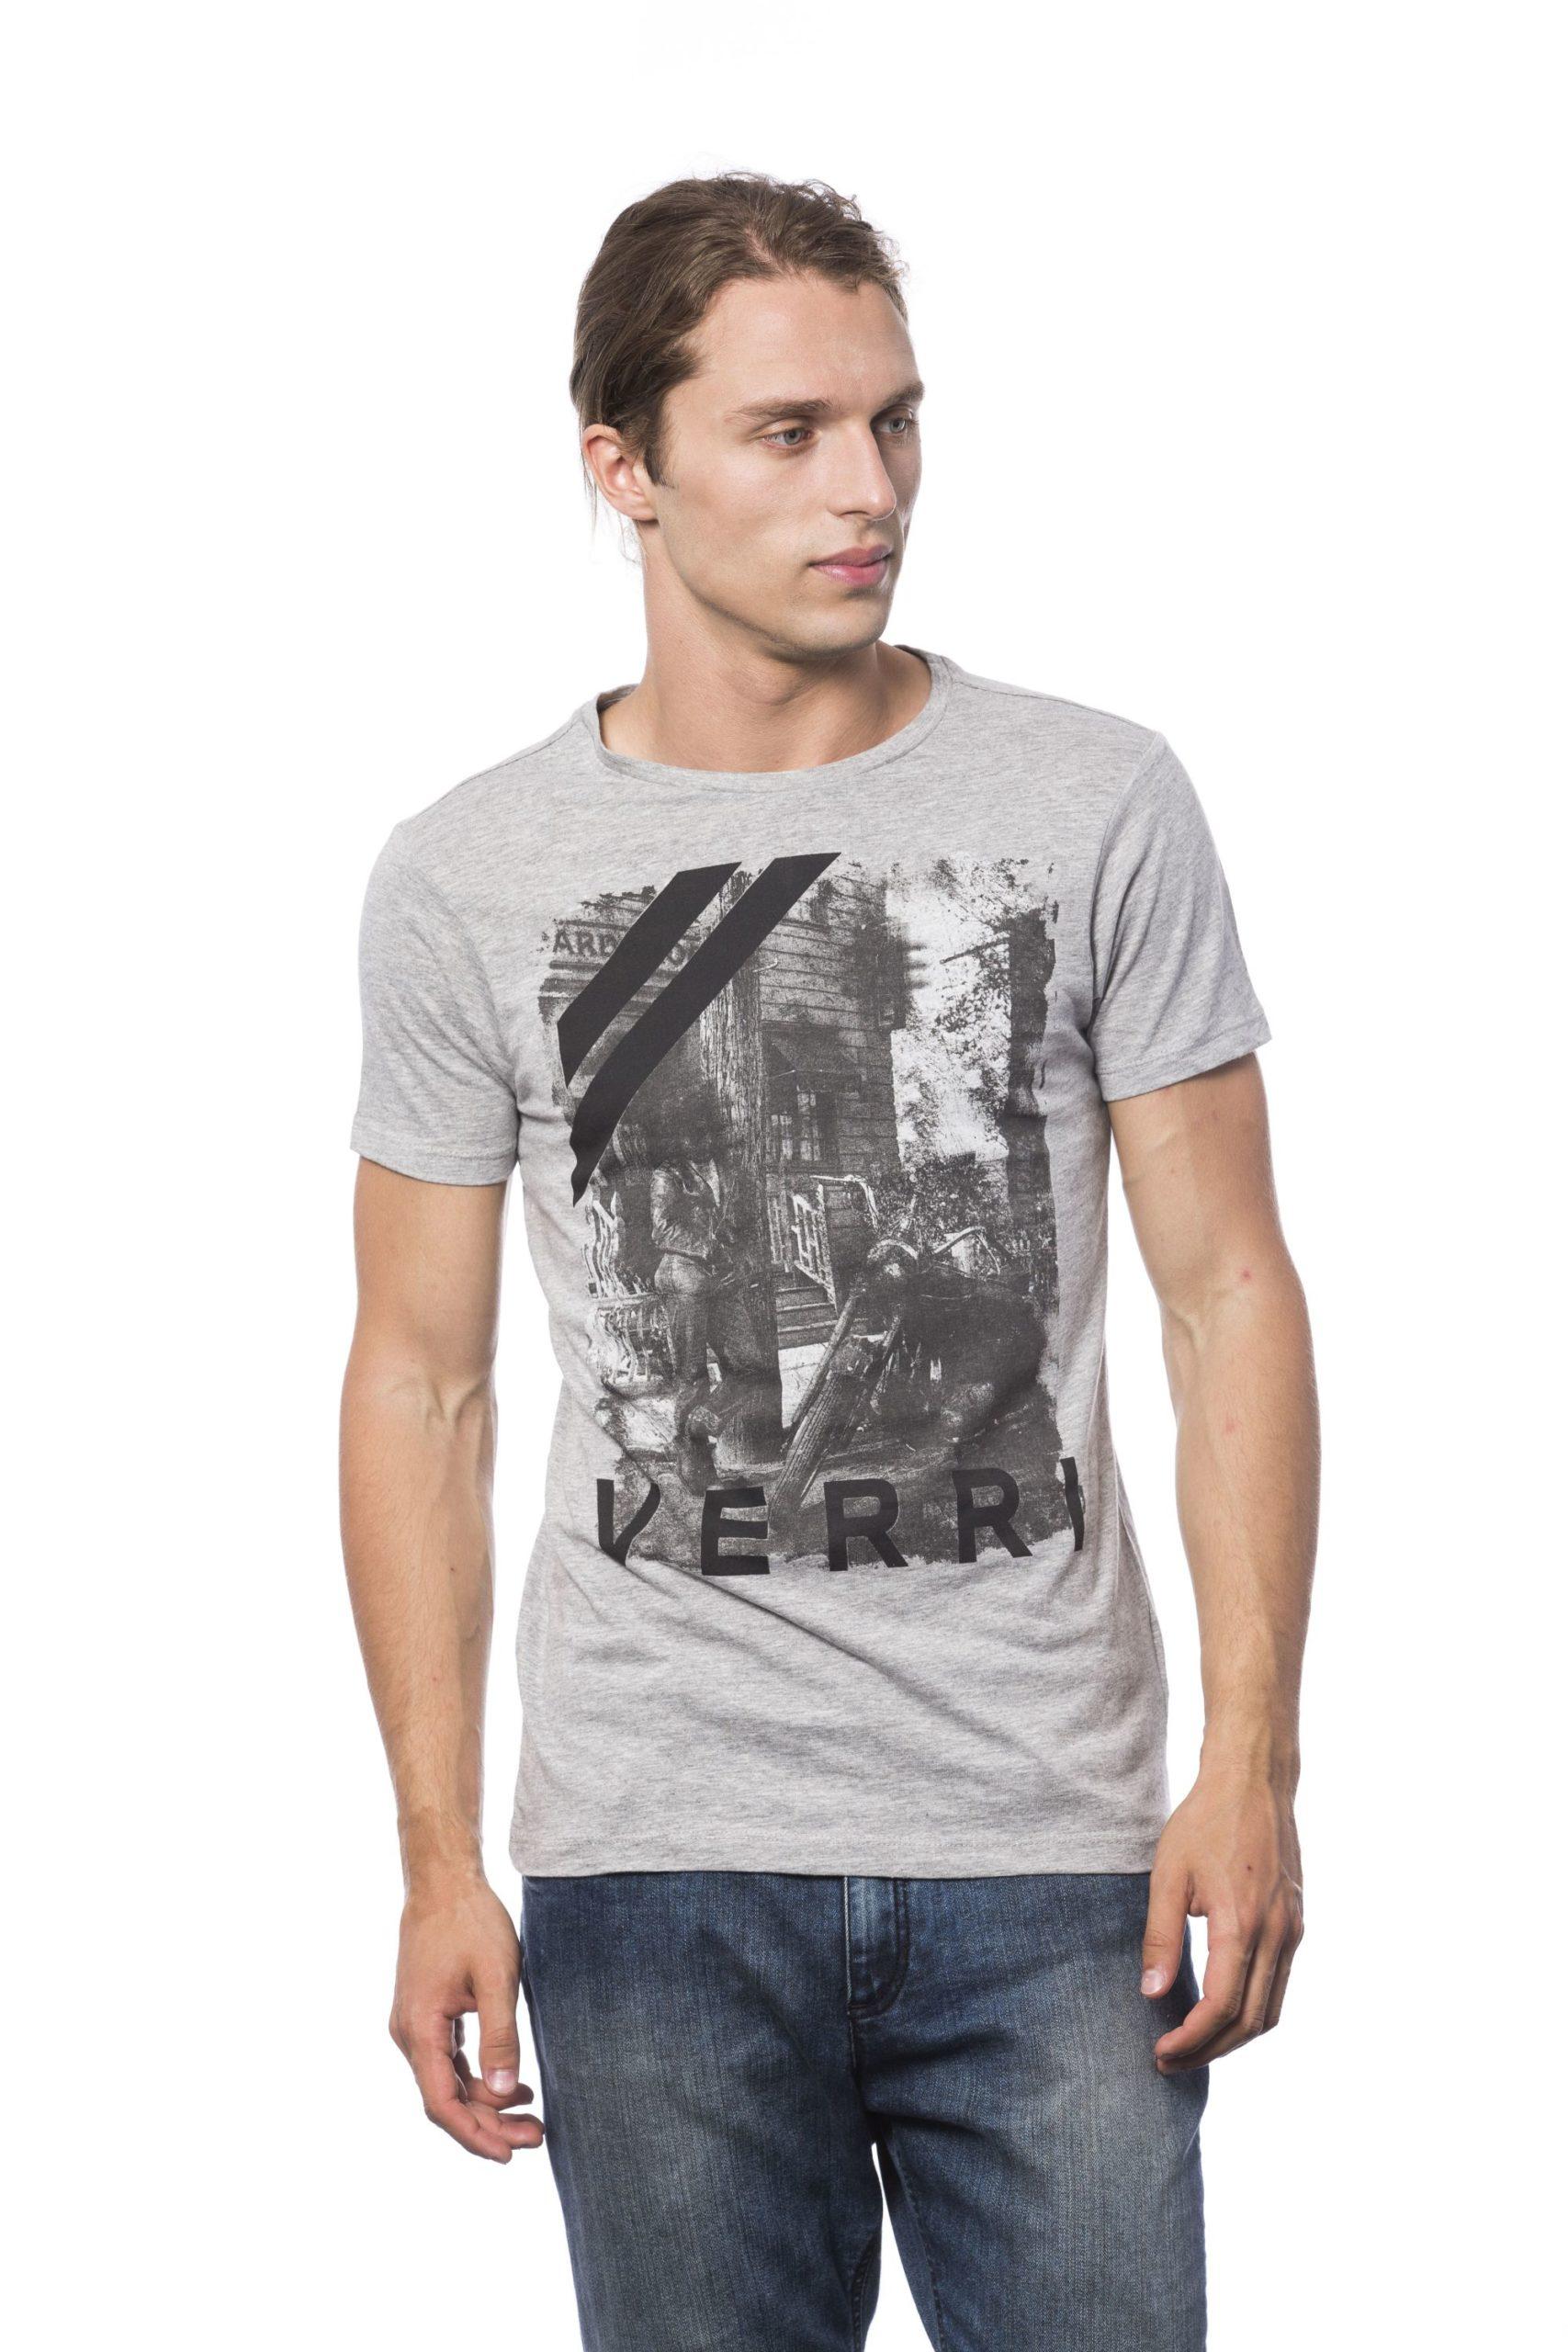 Verri Men's Grigio Ml Grey Ml T-Shirt Gray VE686099 - S